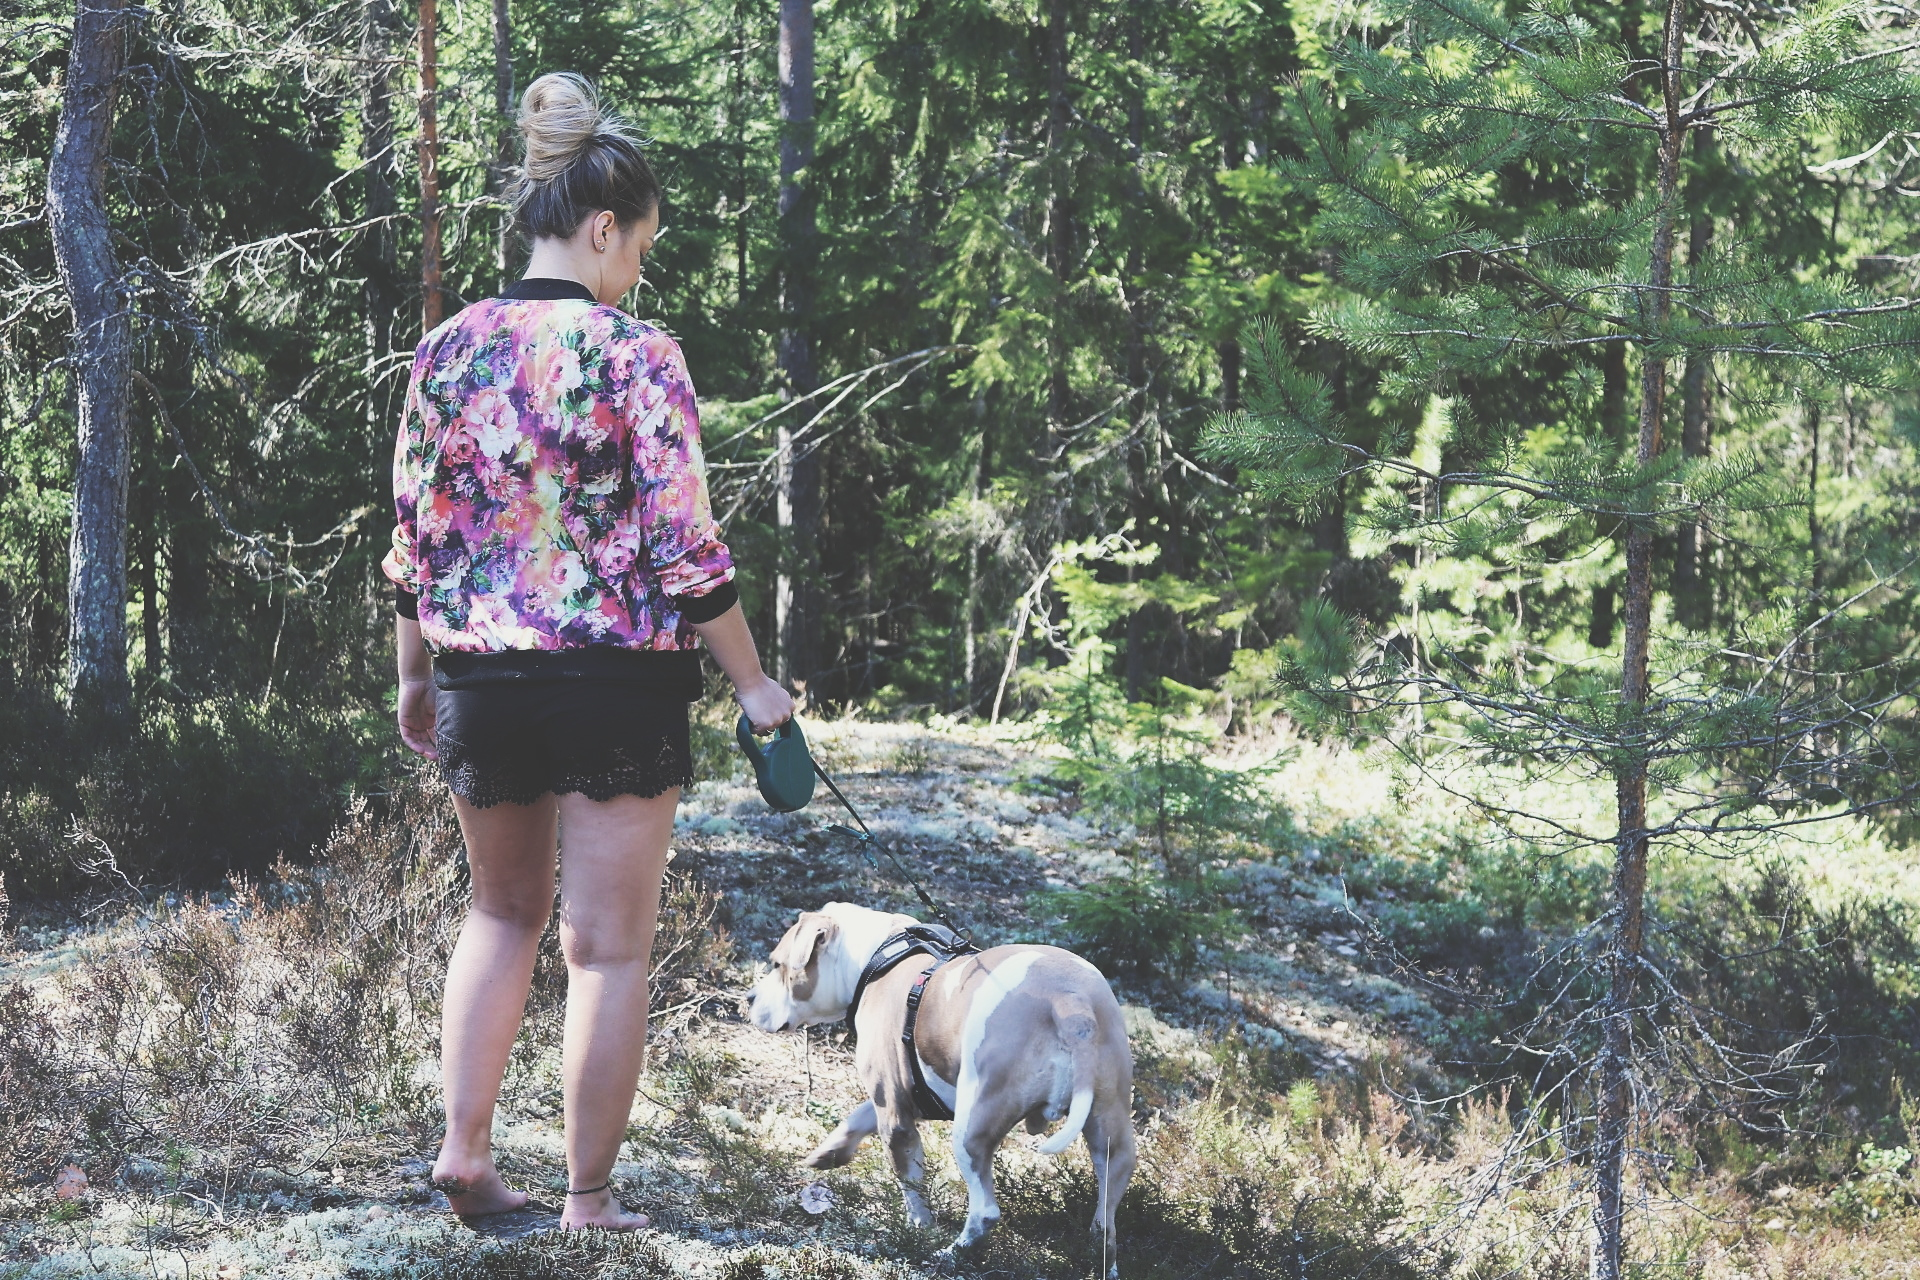 walking_in_the_woods.jpg